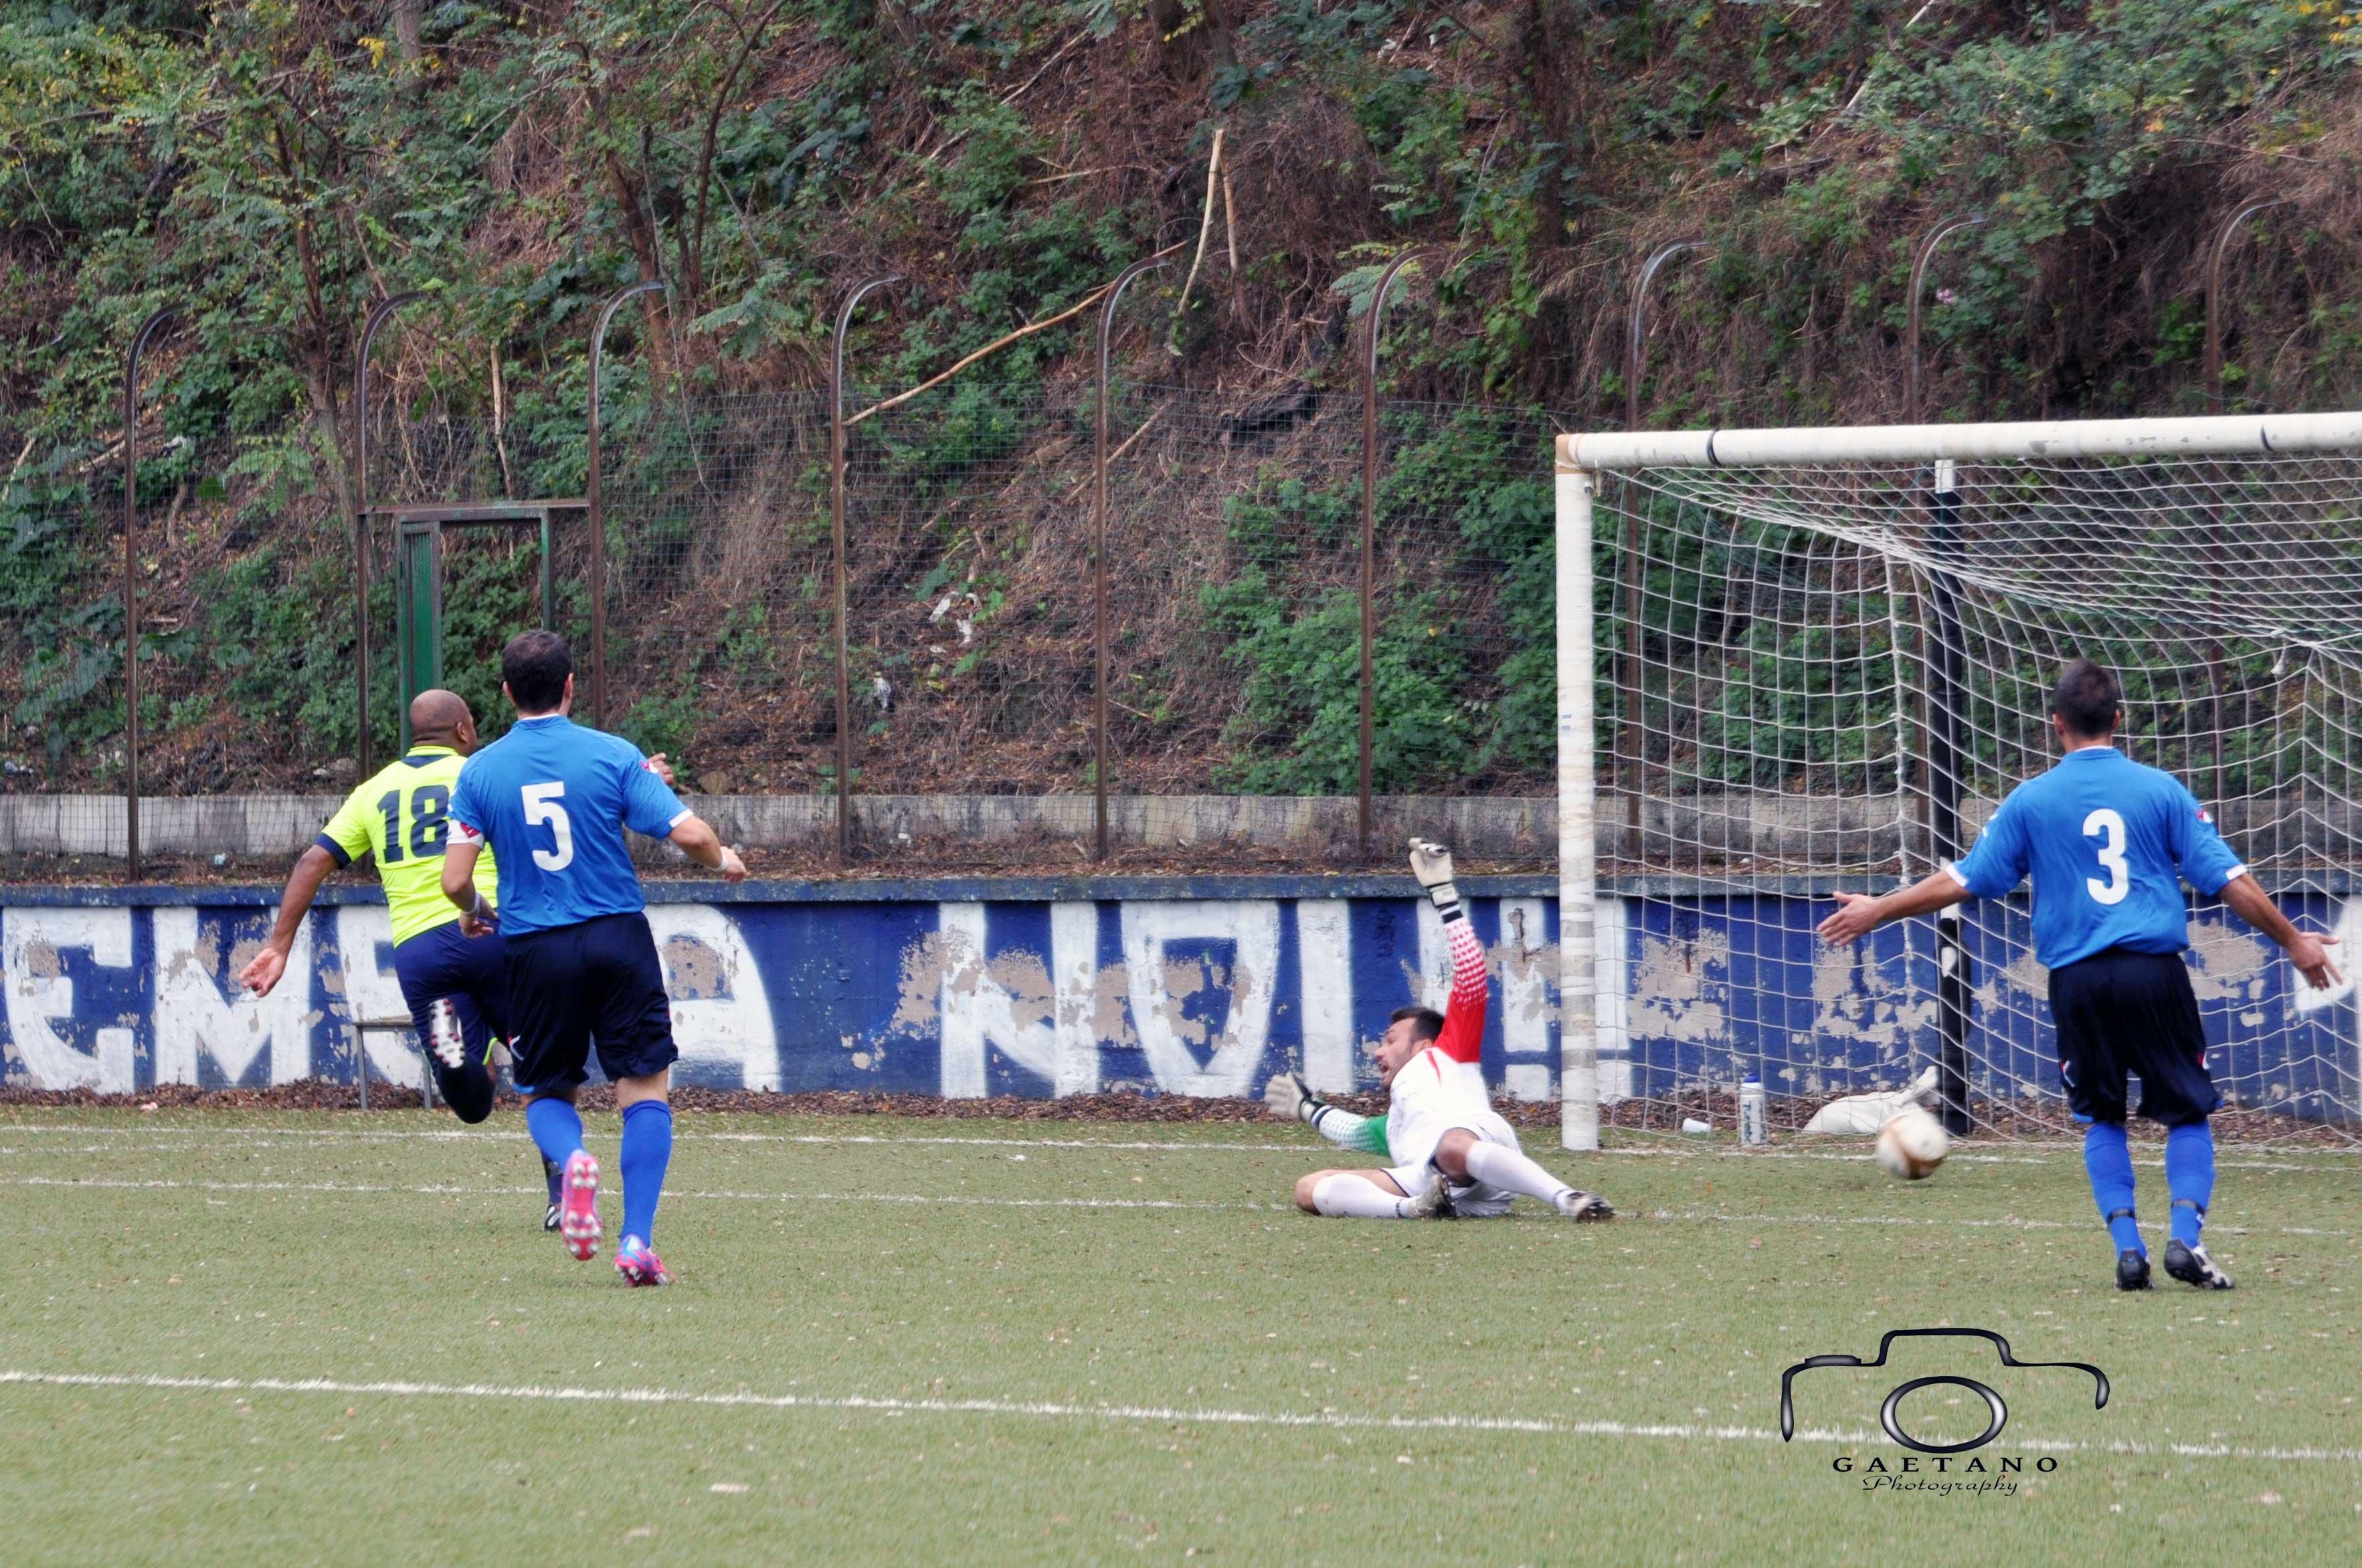 Seconda Categoria| Pro Calcio Bacoli, esordio amaro al Chiovato: vince l'Afro Napoli per 0-2!